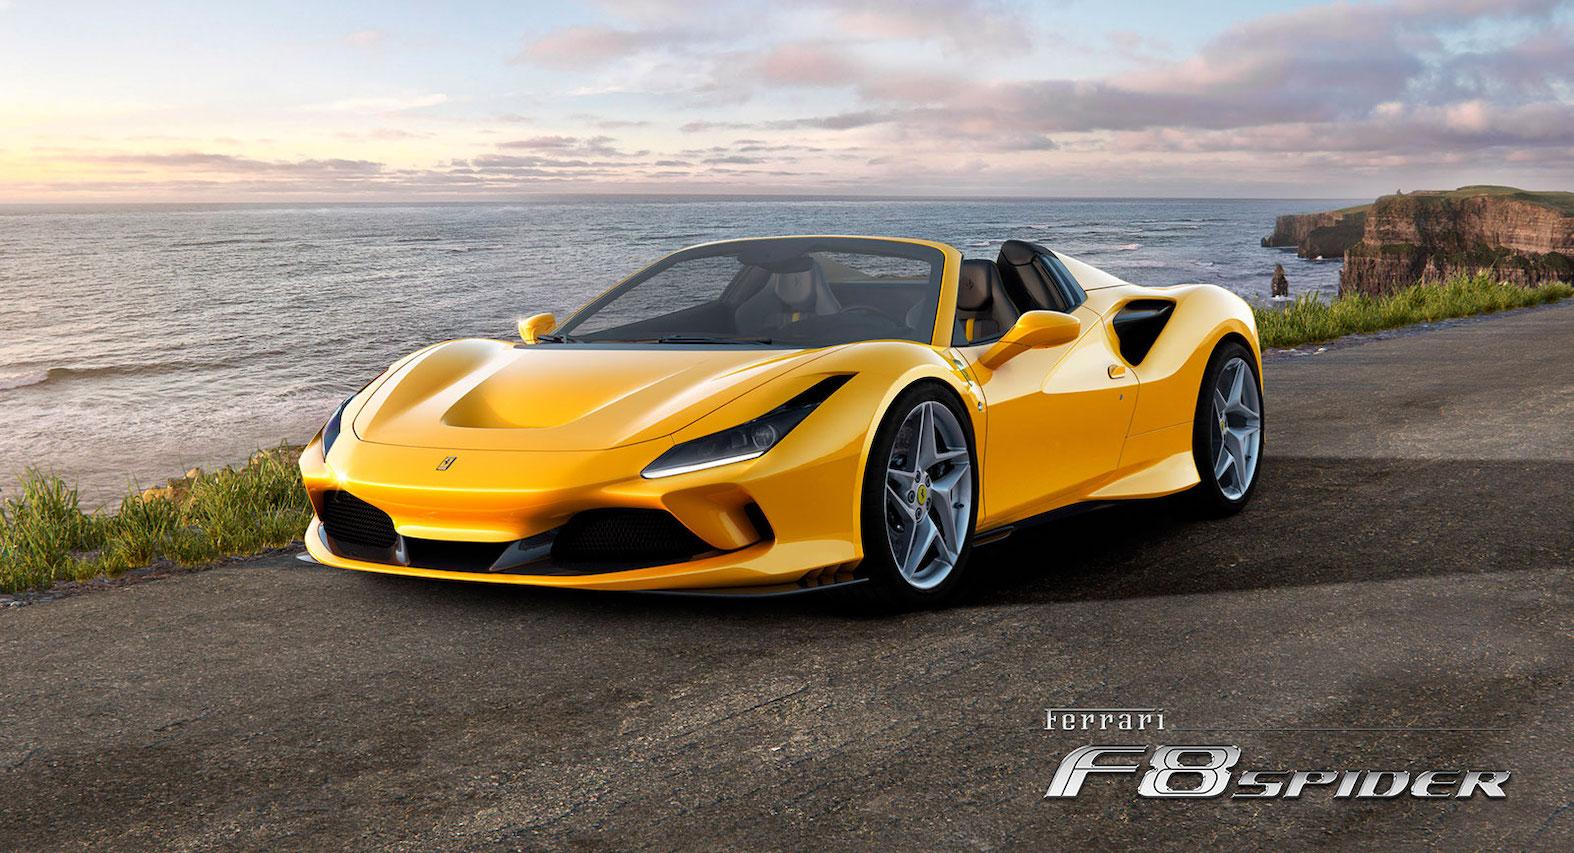 ¿Sabes cómo se compra un Ferrari?